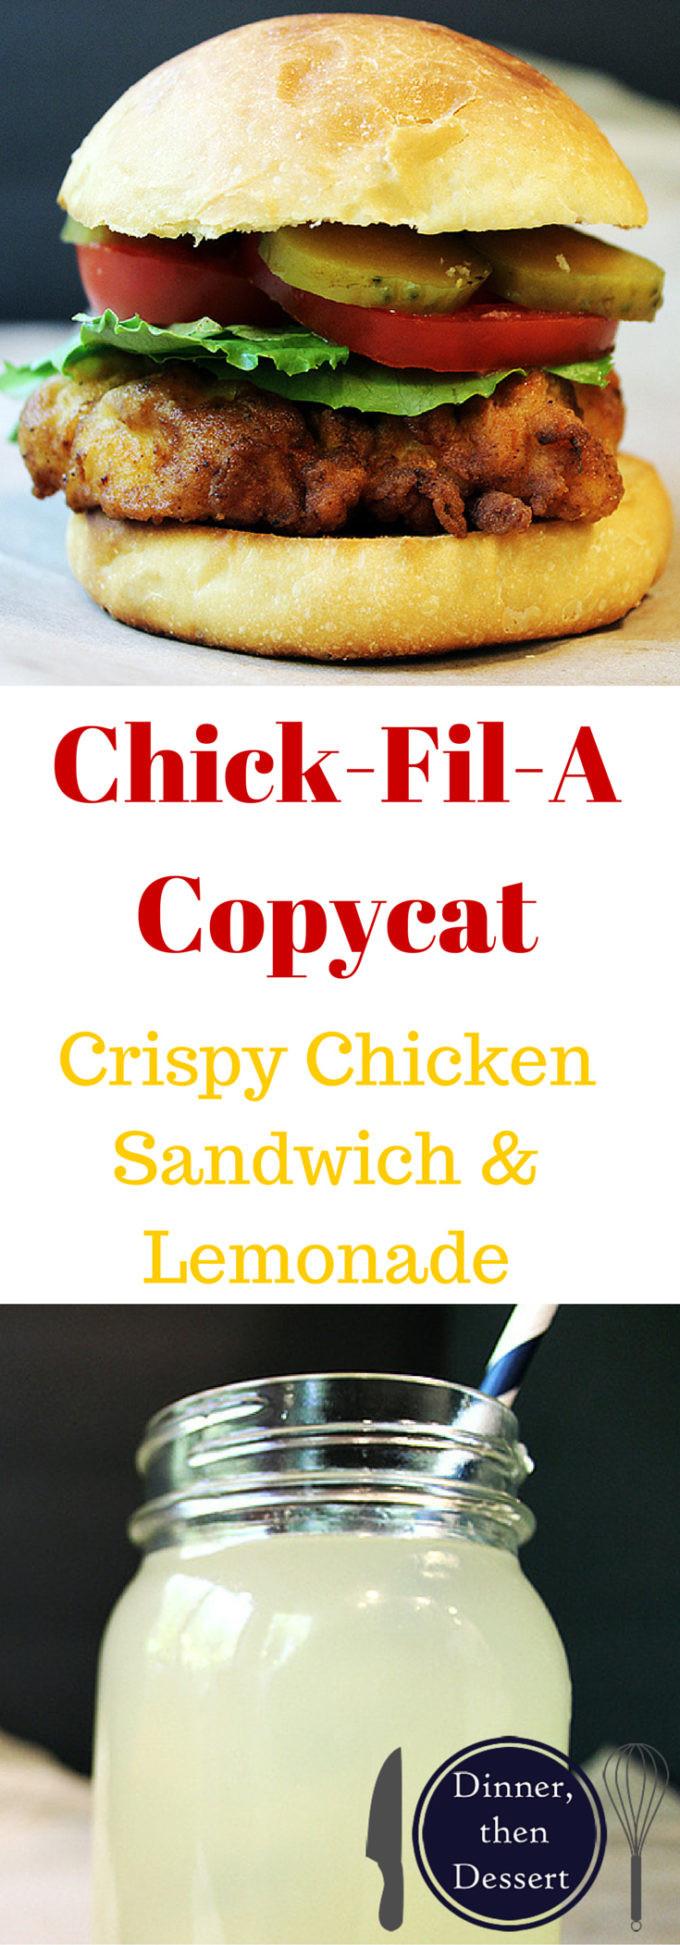 Chick Fil A Dessert Menu  Chick Fil A Dinner then Dessert